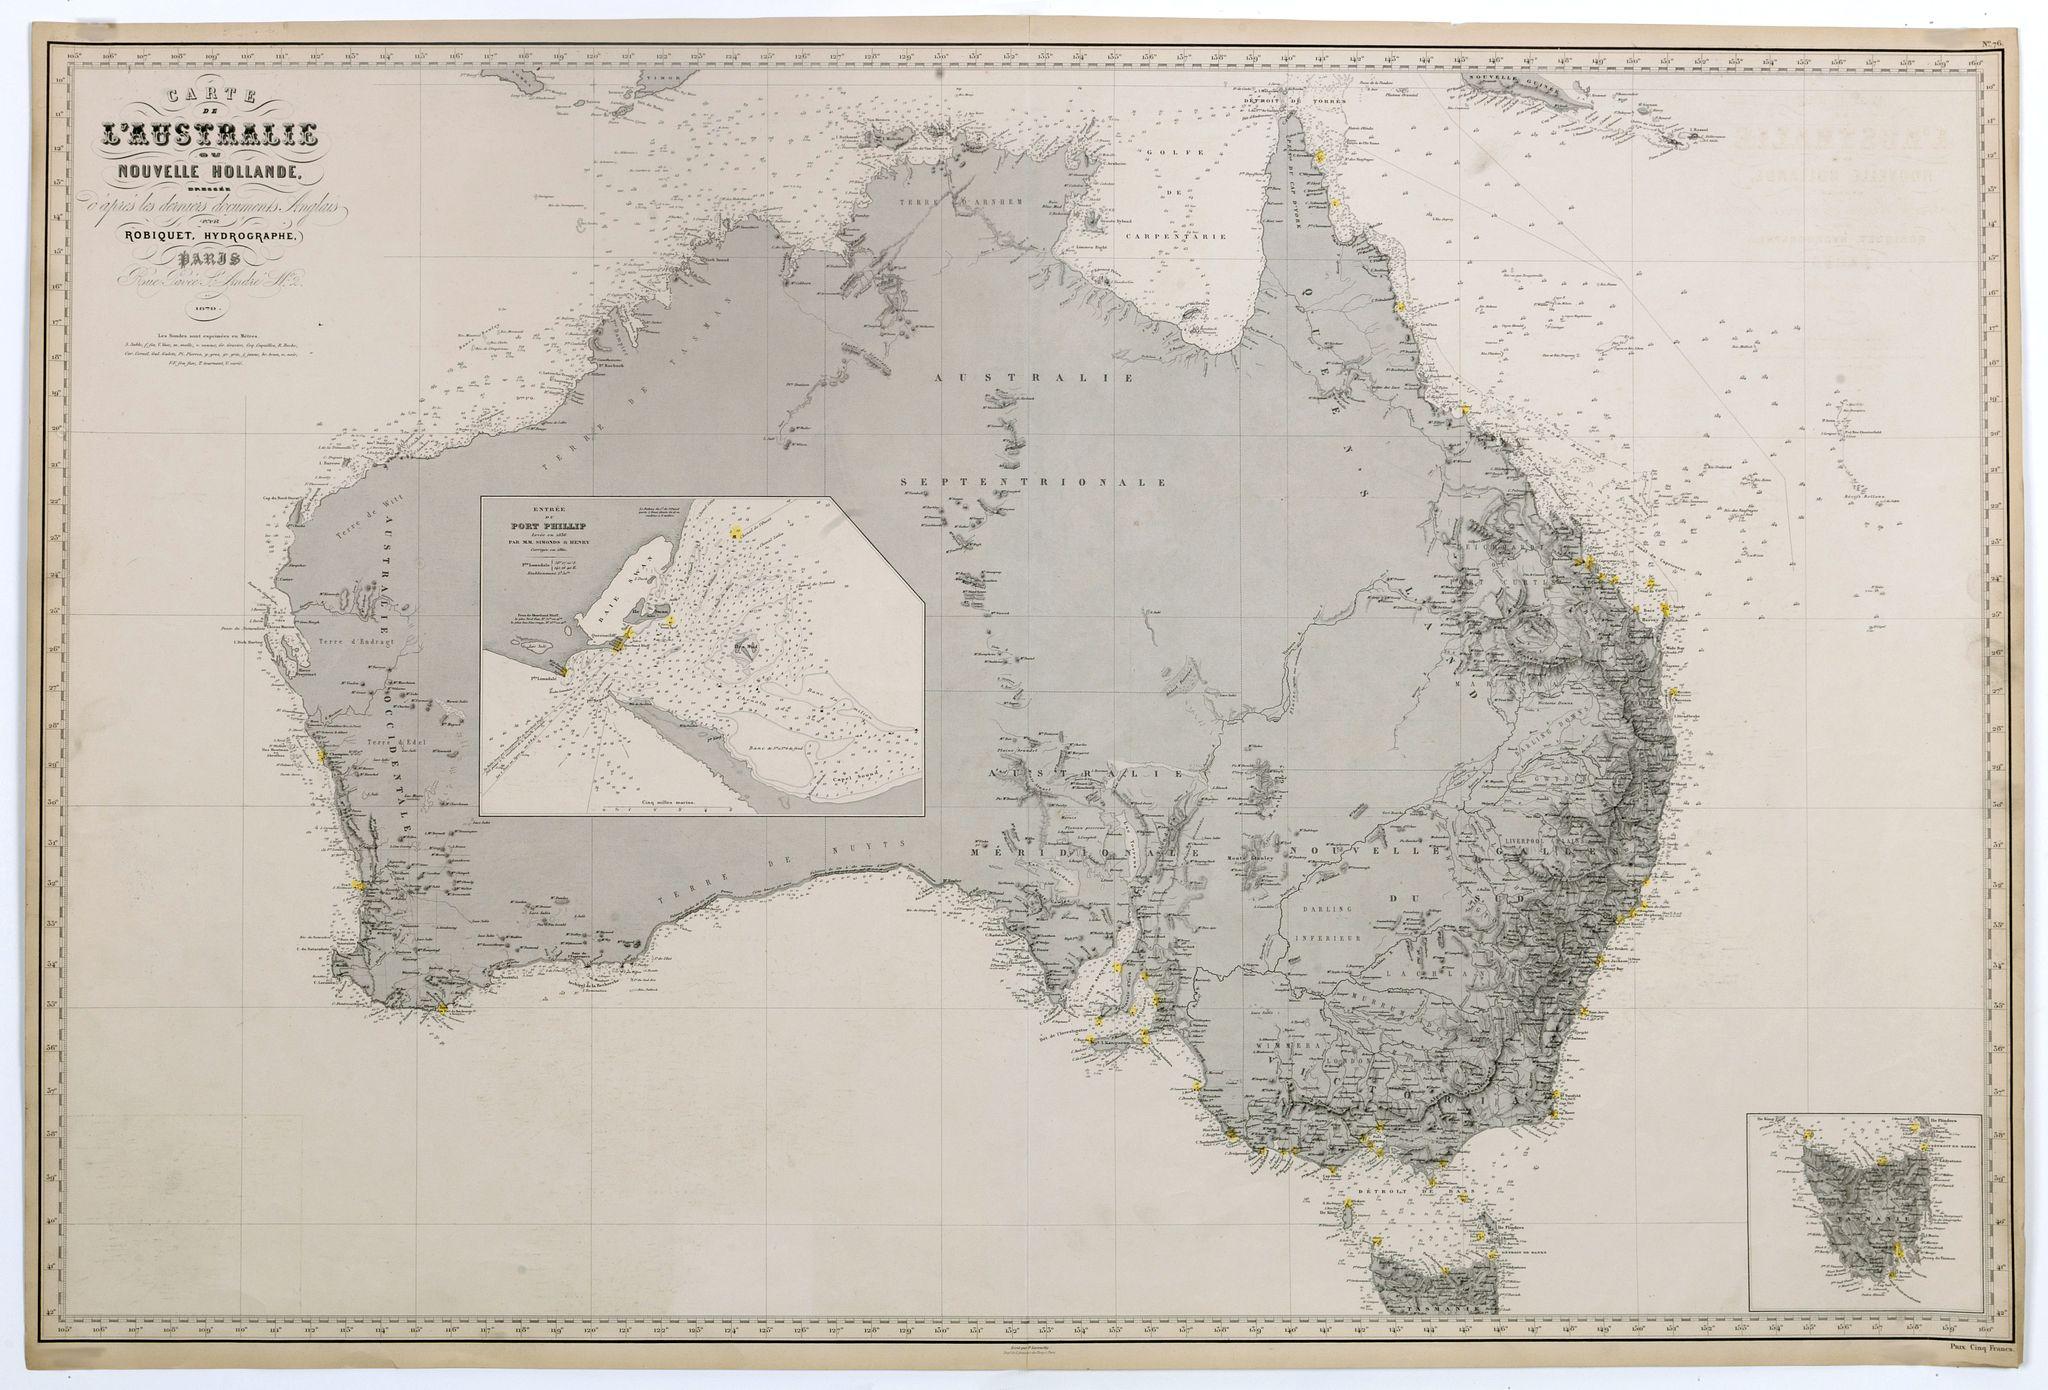 ROBIQUET. - Carte de l'Australie ou Nouvelle Hollande dressée d'aprés les derniers documents Anglais par Robiquet, Hydrographe, . . .